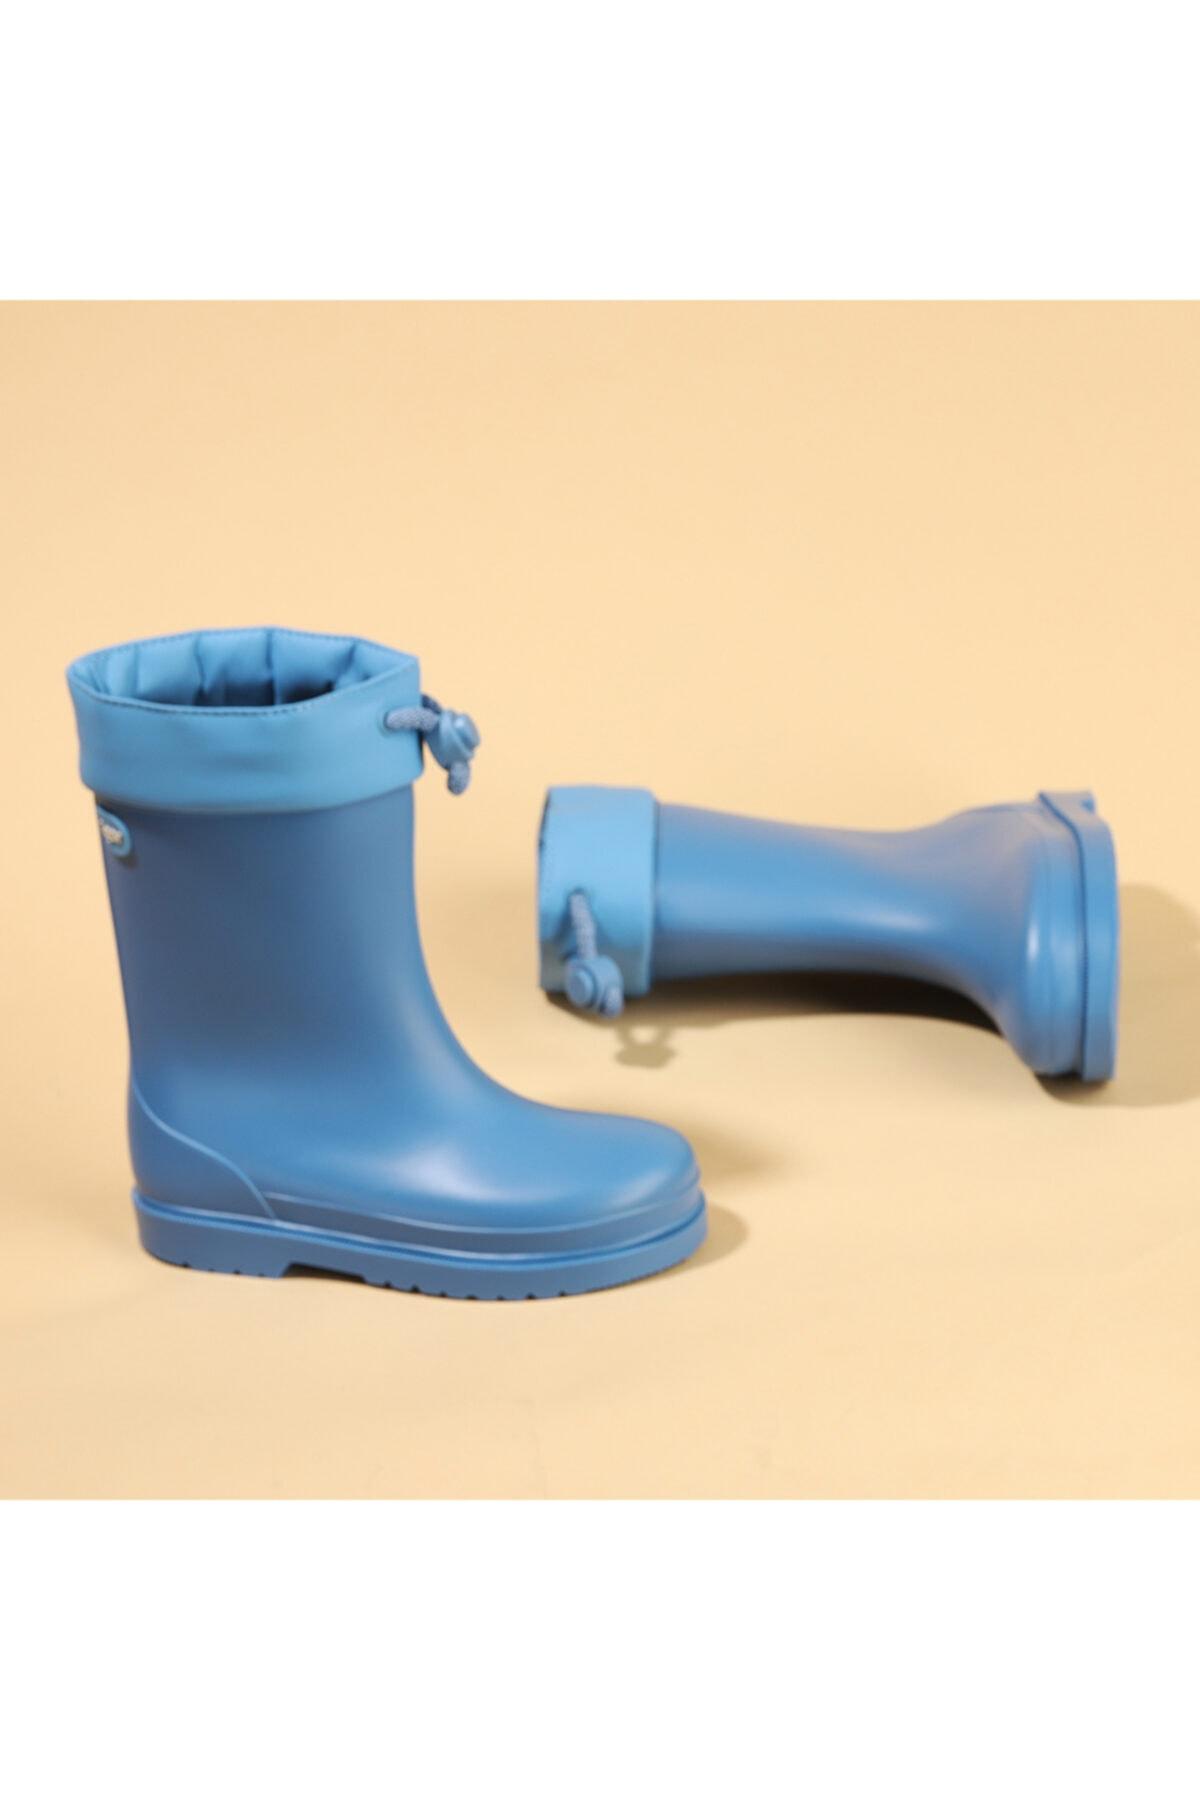 IGOR W10101 Chufo Cuello Kız/erkek Çocuk Su Geçirmez Yağmur Kar Çizmesi 1